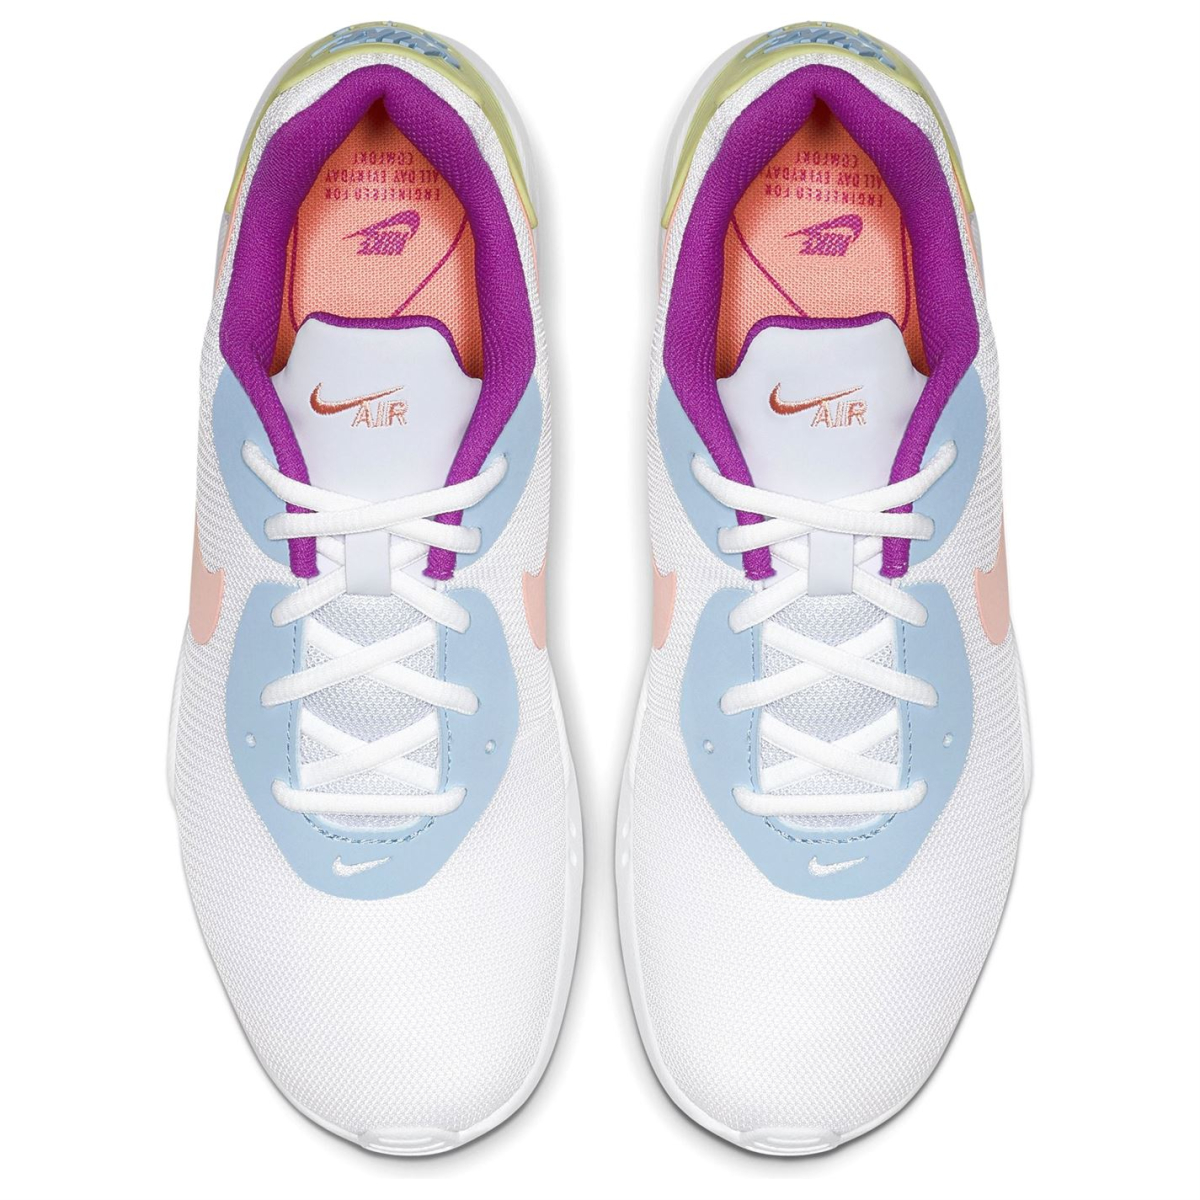 Nike-Air-Max-Oketo-Turnschuhe-Laufschuhe-Damen-Sportschuhe-Sneaker-4034 Indexbild 16